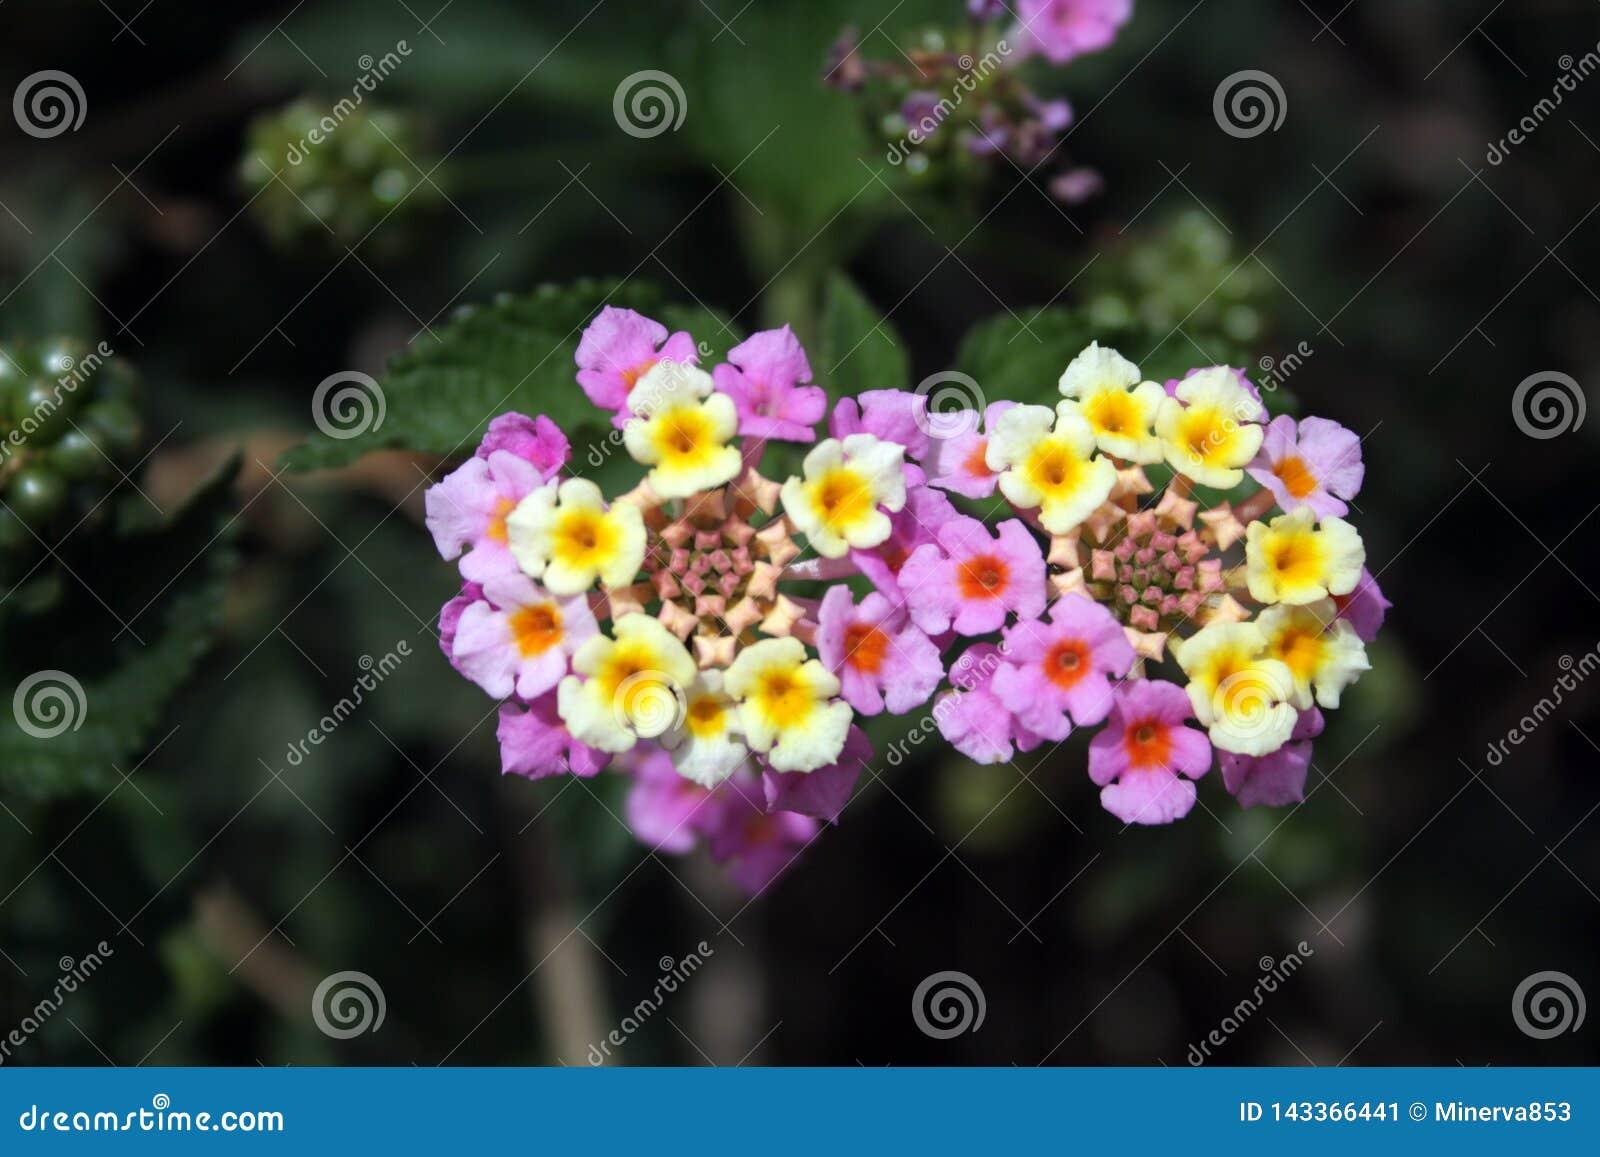 Camara de Lantana - deux fleurs rose-clair lumineuses avec les taches jaunes au centre sur le fond vert-foncé